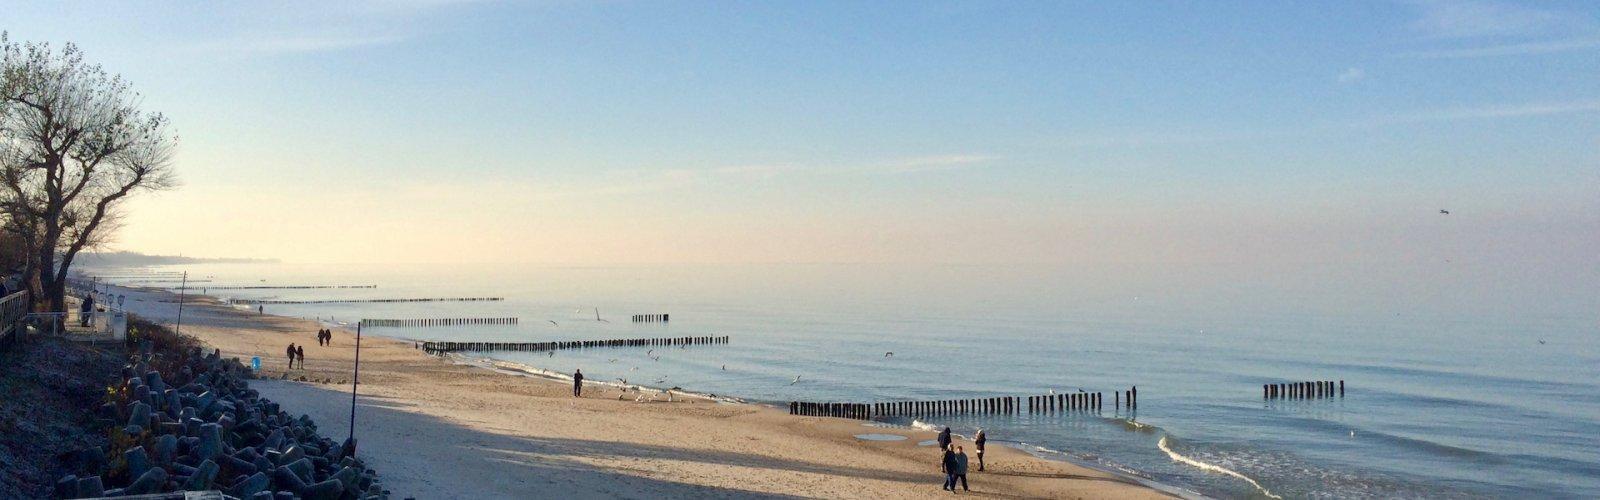 Pakiet z okazji MZM 2020 - Międzynarodowy Zlot Morsów w Mielnie